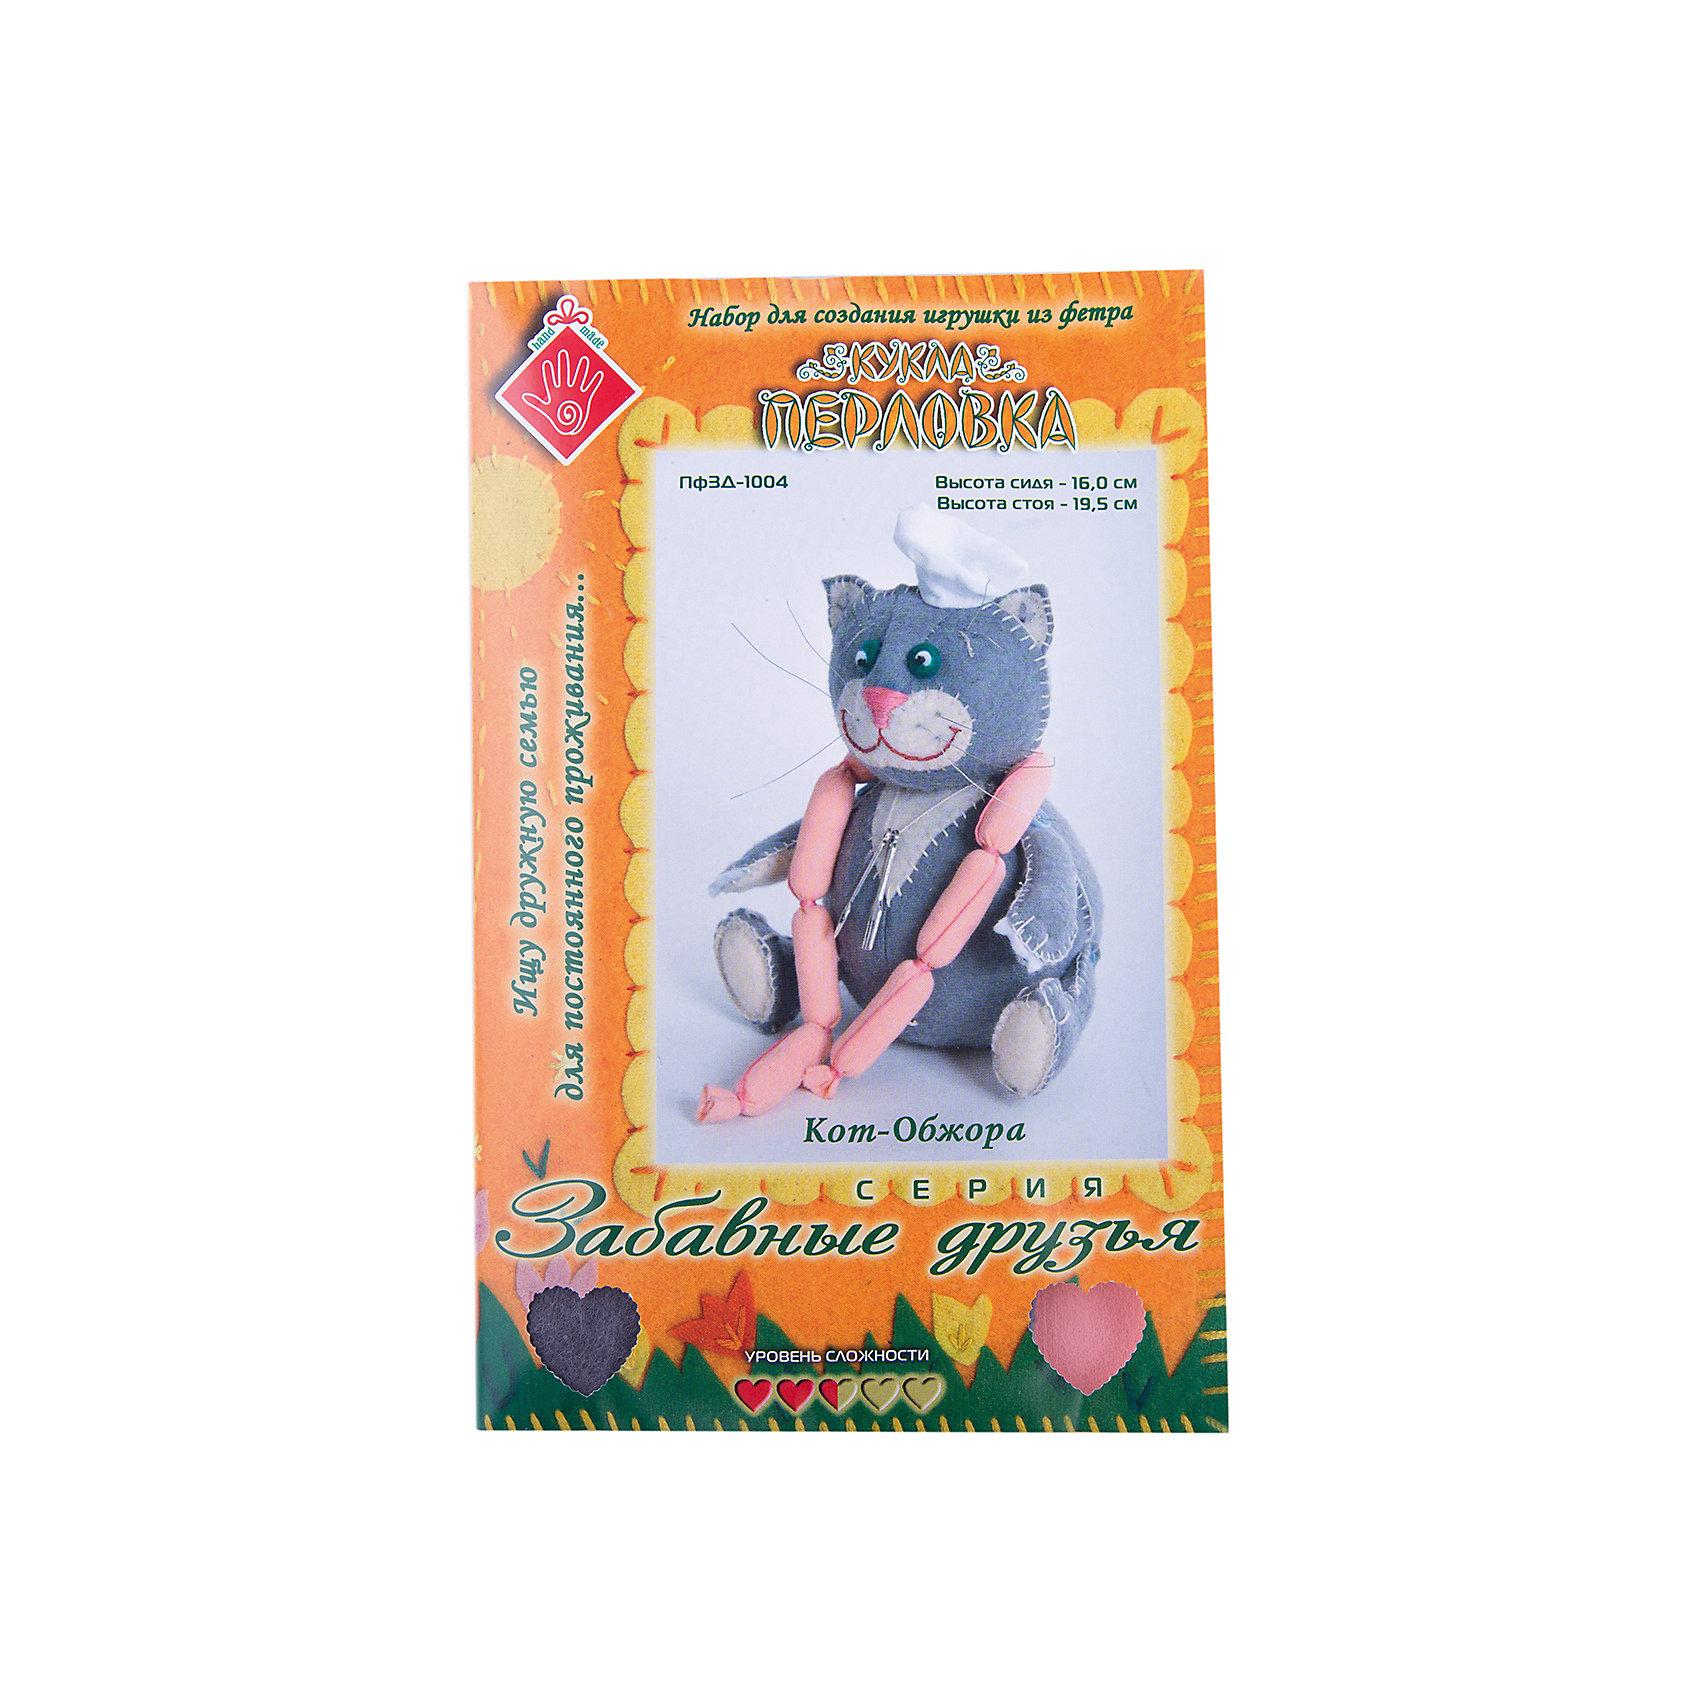 Набор для изготовления  игрушки Кот Обжора, ПерловкаРукоделие<br>Набор для изготовления игрушки Кот Обжора, Перловка<br><br>Характеристики: <br><br>• Размер игрушки: сидя – 16 см, стоя – 19,5 см<br>• Материал: Хлопок, Фетр, Металл, Атлас<br>• Вес: 150г<br><br>Этот набор для творчества позволит вашему ребенку создать очаровательную игрушку. Ткани в комплекте выполнены в мягких пастельных тонах и состоят из натурального хлопка. В составе имеется подробная инструкция и все необходимое для декорирования фигурки. <br><br>Особенностями данного комплекта являются входящие в состав травы лаванды, шалфея и душицы – эти натуральные компоненты действуют умиротворяюще и успокаивают. <br><br>Набор для изготовления игрушки Кот Обжора, Перловка можно купить в нашем интернет-магазине.<br><br>Ширина мм: 150<br>Глубина мм: 10<br>Высота мм: 275<br>Вес г: 80<br>Возраст от месяцев: 60<br>Возраст до месяцев: 2147483647<br>Пол: Женский<br>Возраст: Детский<br>SKU: 5445433